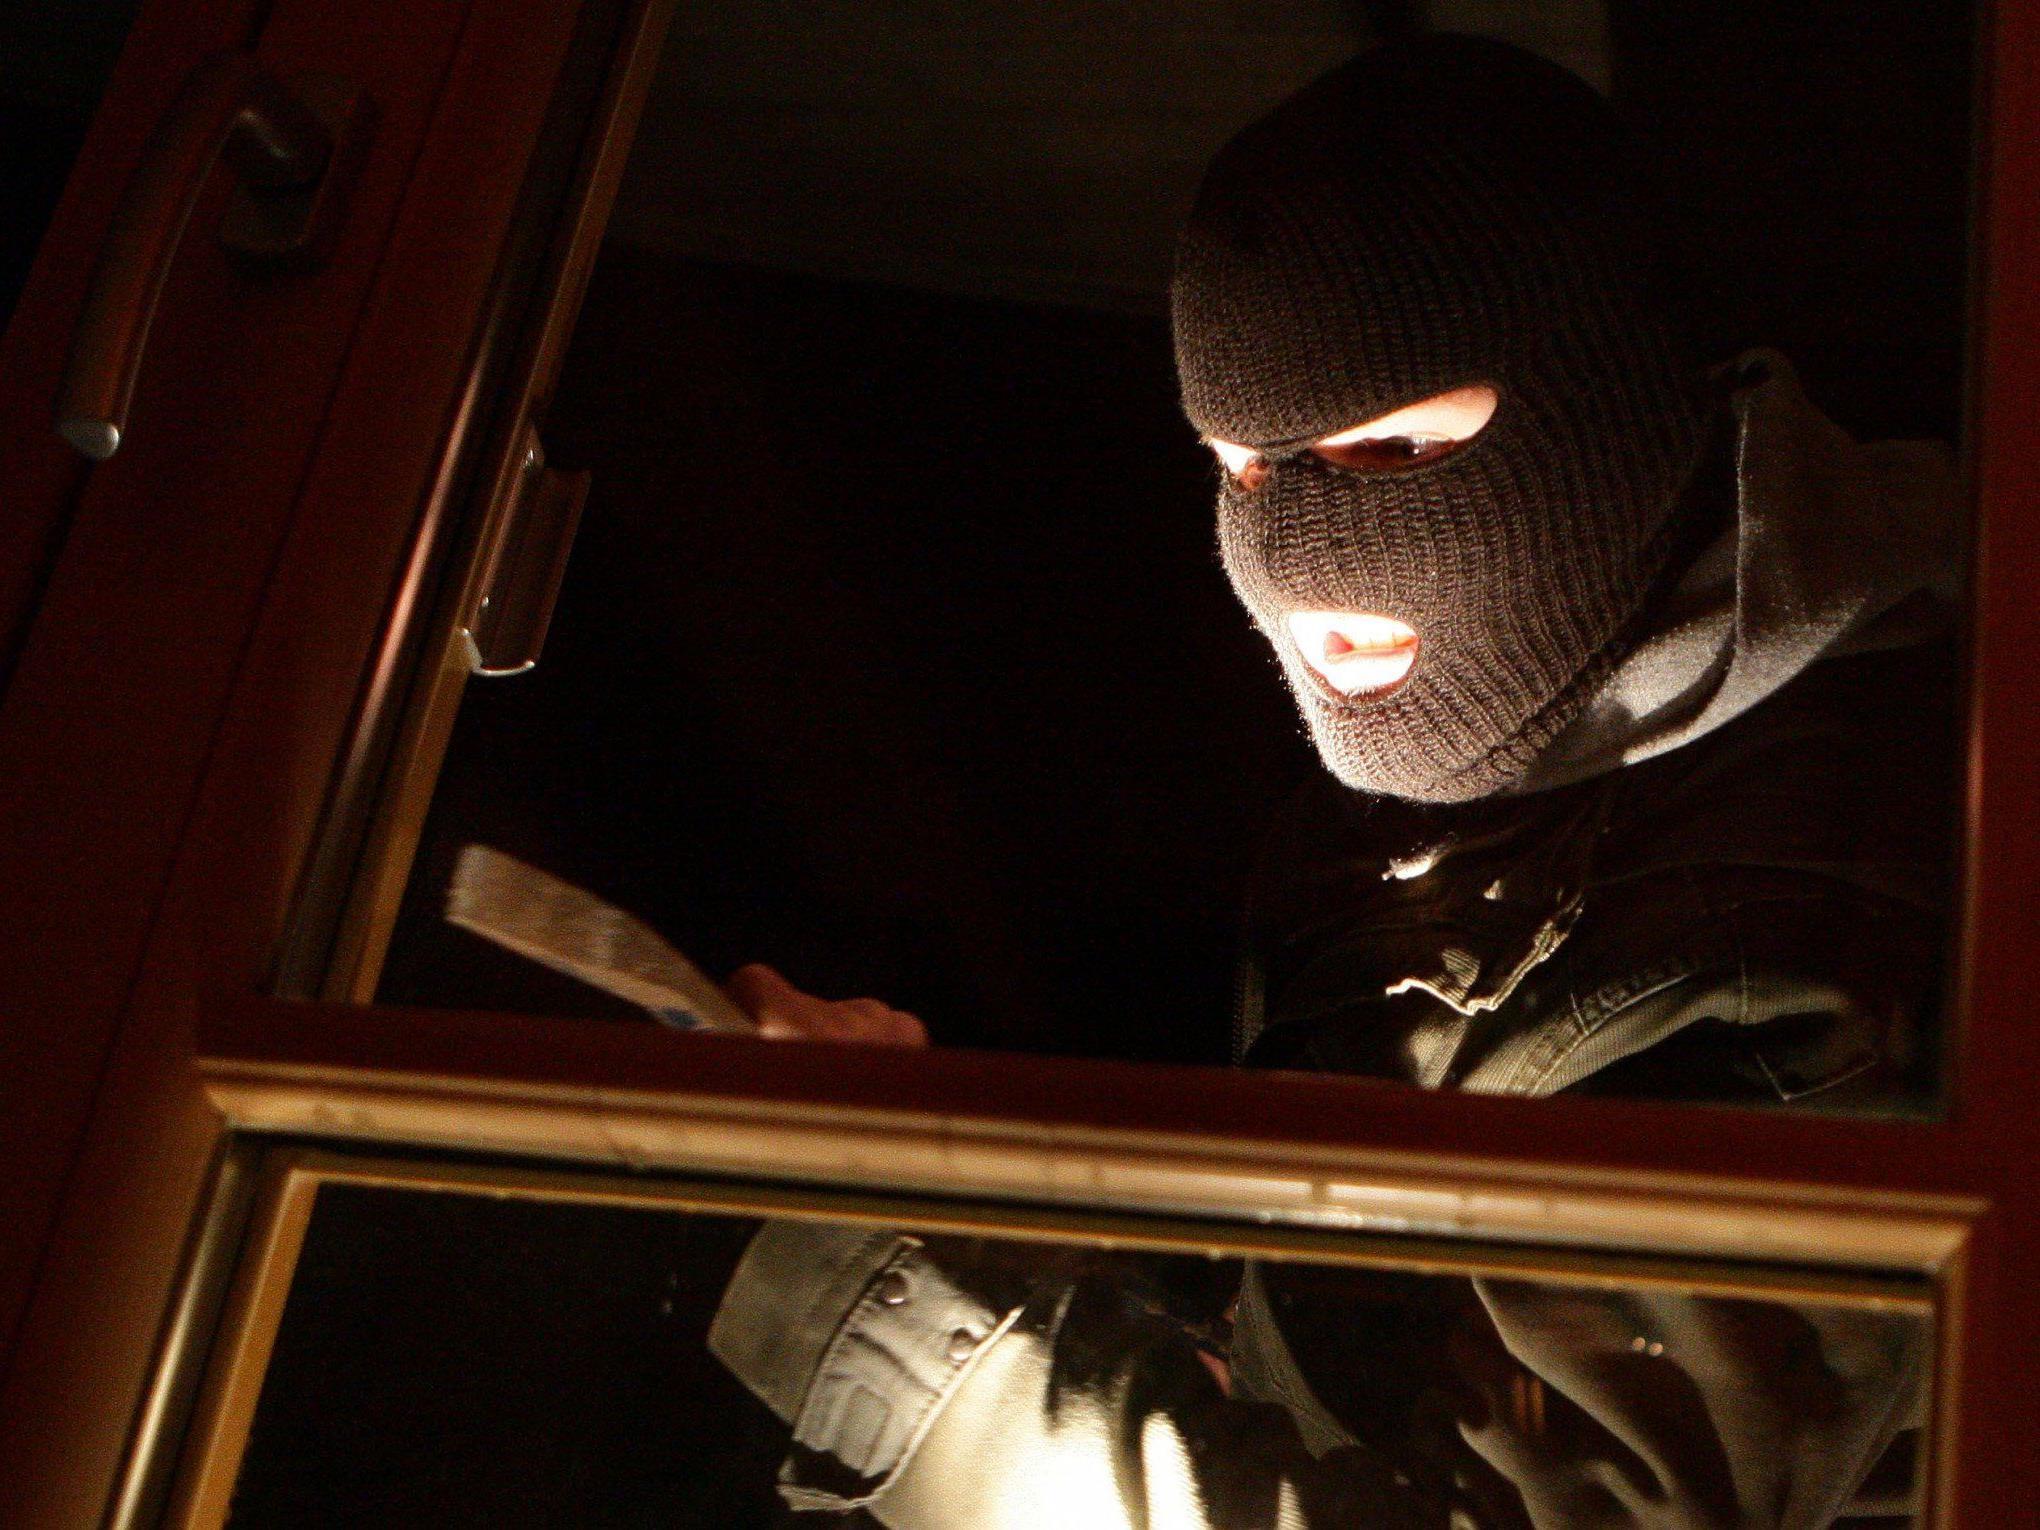 Einbruchsdiebstahl in Hörbranz - Polizei bittet Hinweise.